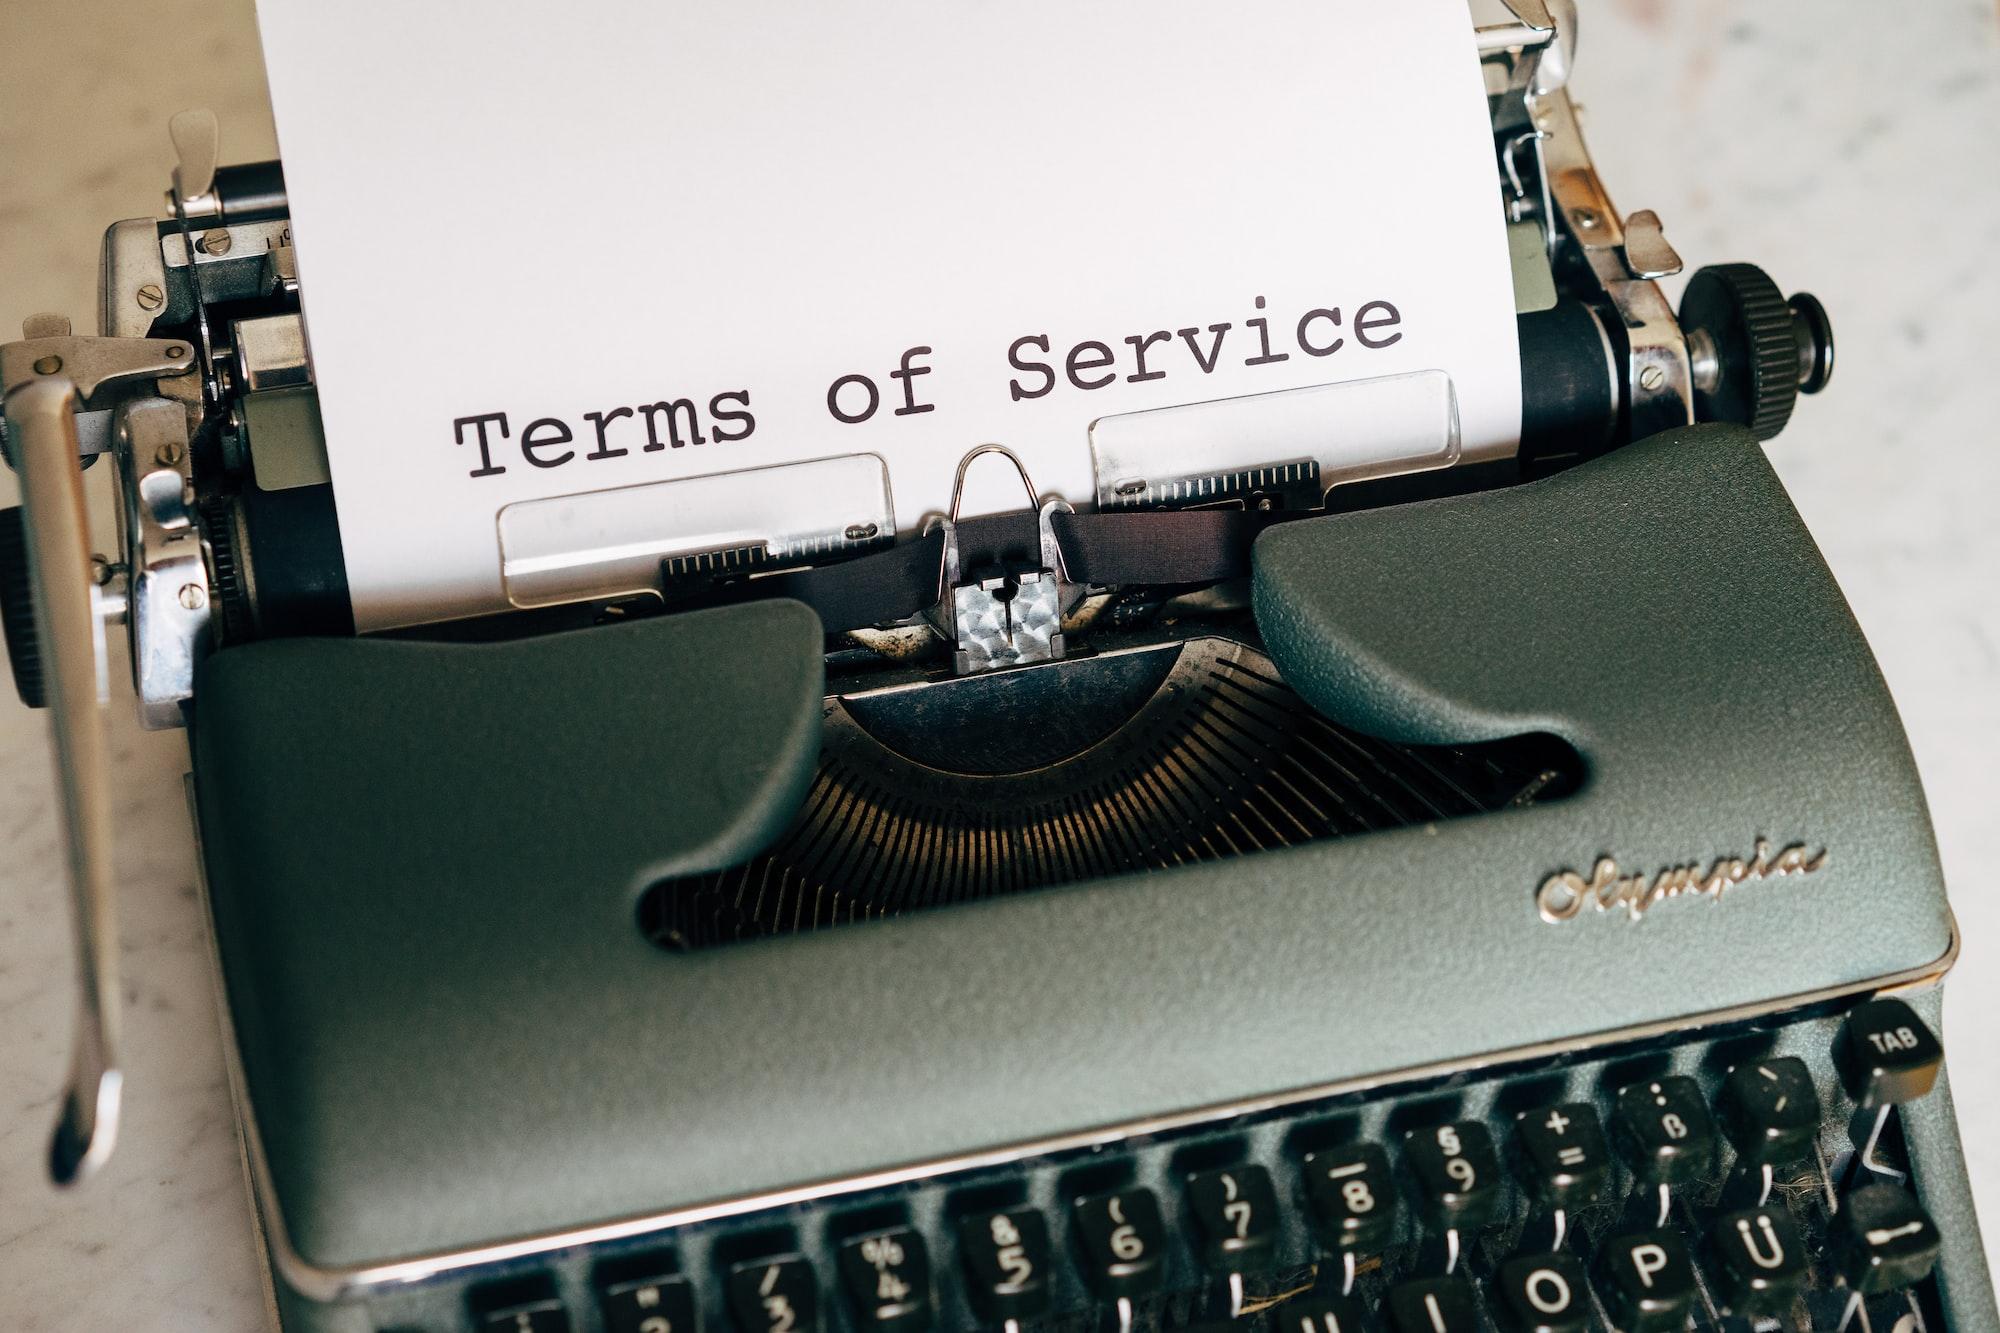 Оферта об оказании услуг